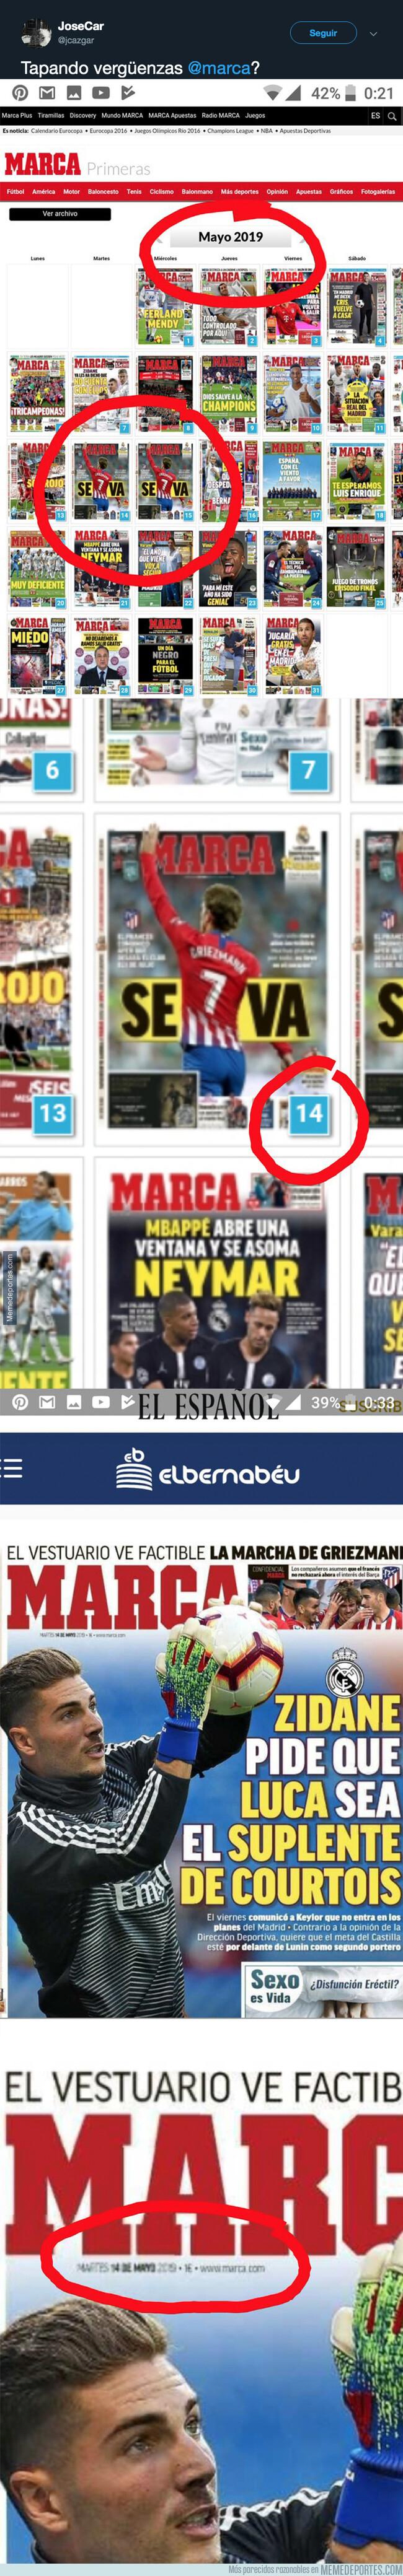 1080641 - Pillan al diario MARCA eliminando esta portada de su archivo al no acertar con una información